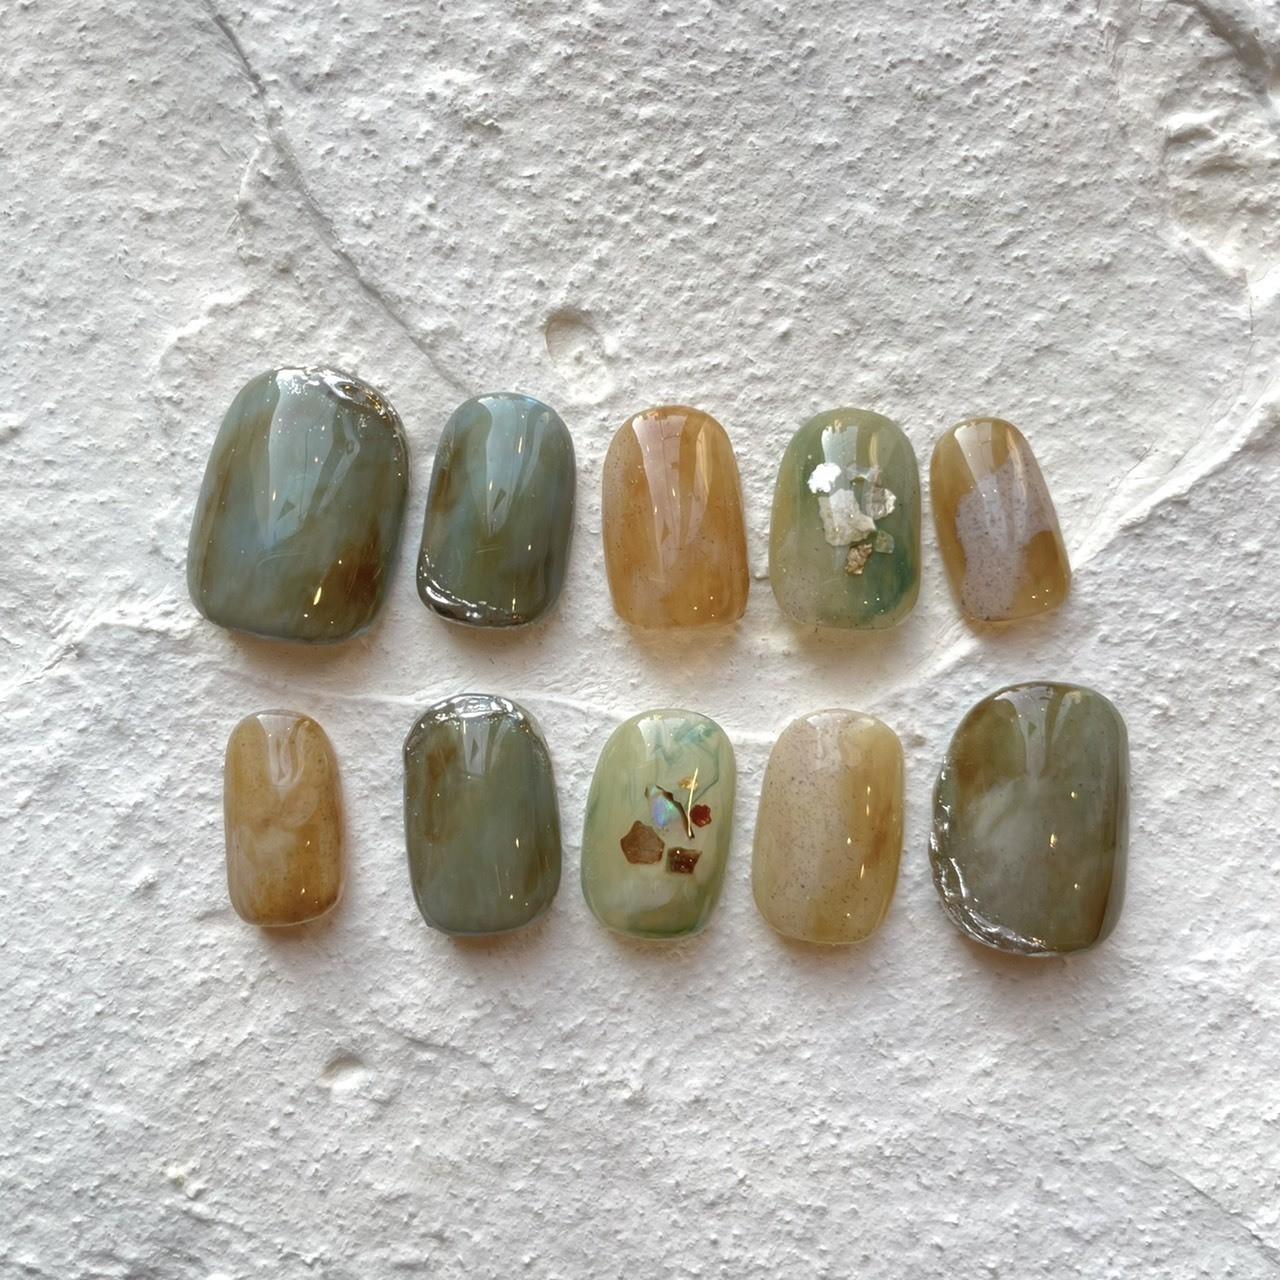 Nail tips itsuki04